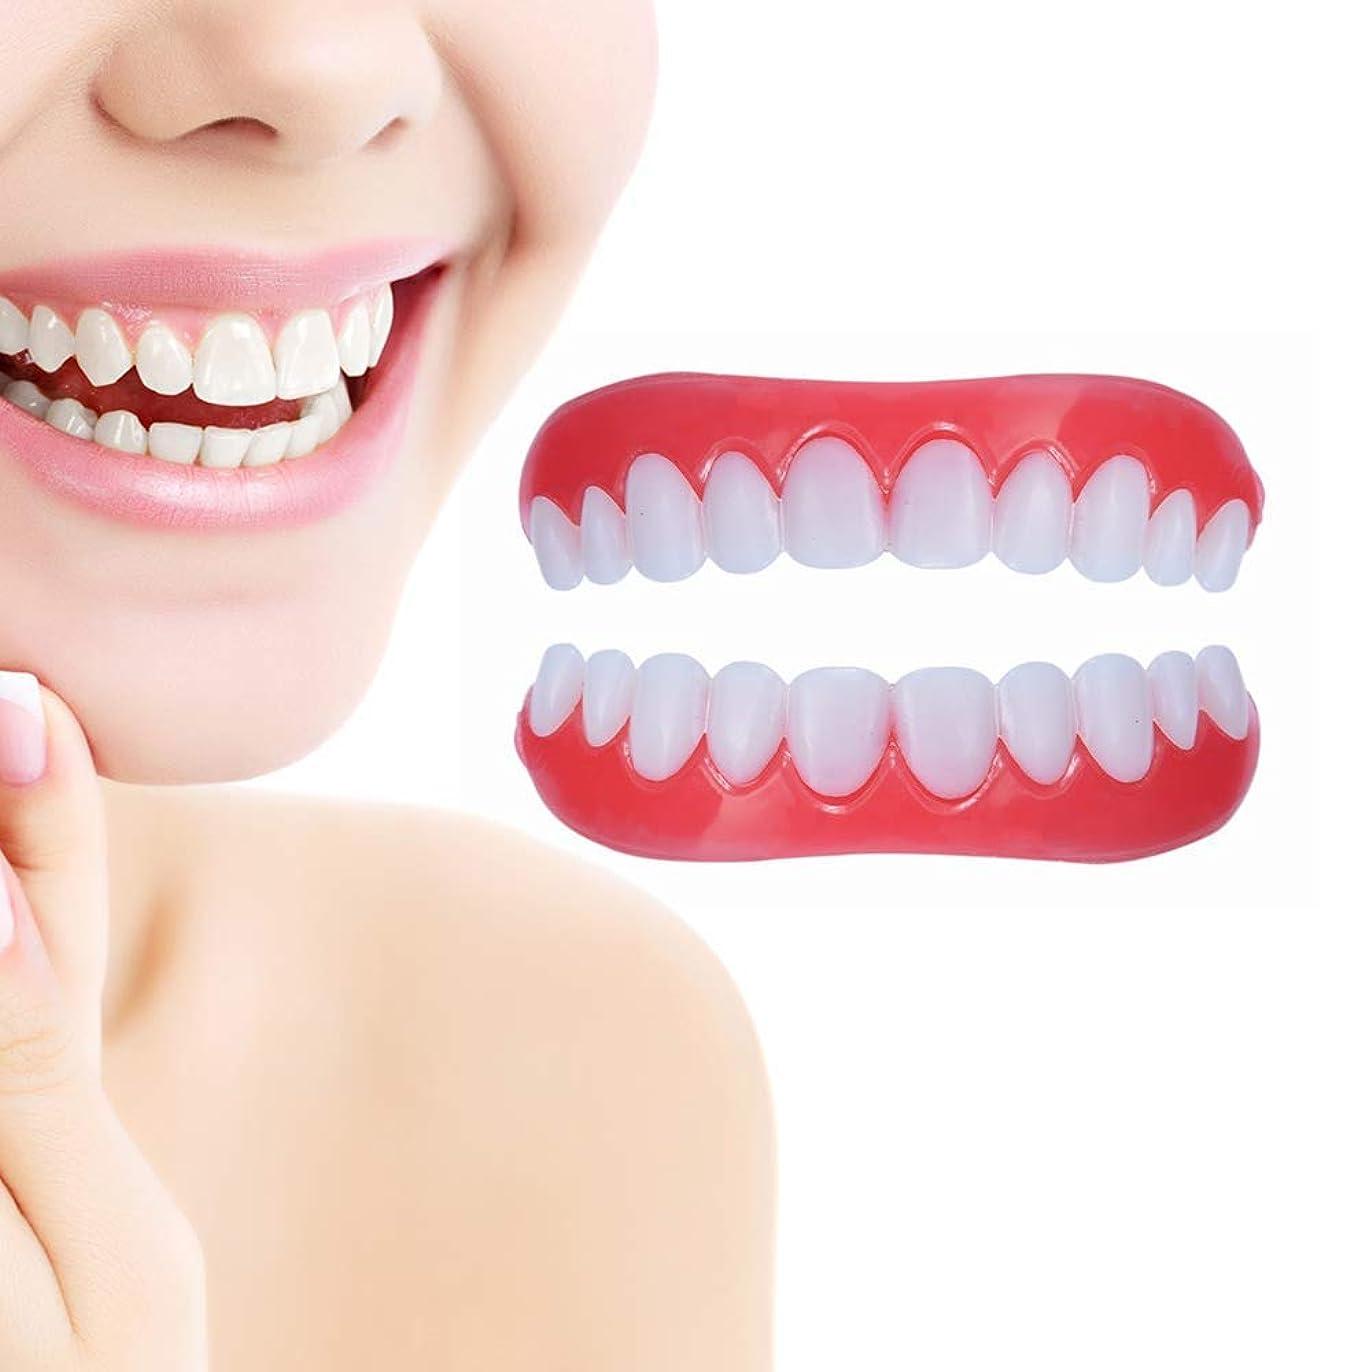 持続するポルトガル語同性愛者化粧品の歯の白い美しい端正なスナップインインスタントの完璧な笑顔の快適フィットフレックス歯のベニヤブレース義歯(上下用),5Pairs